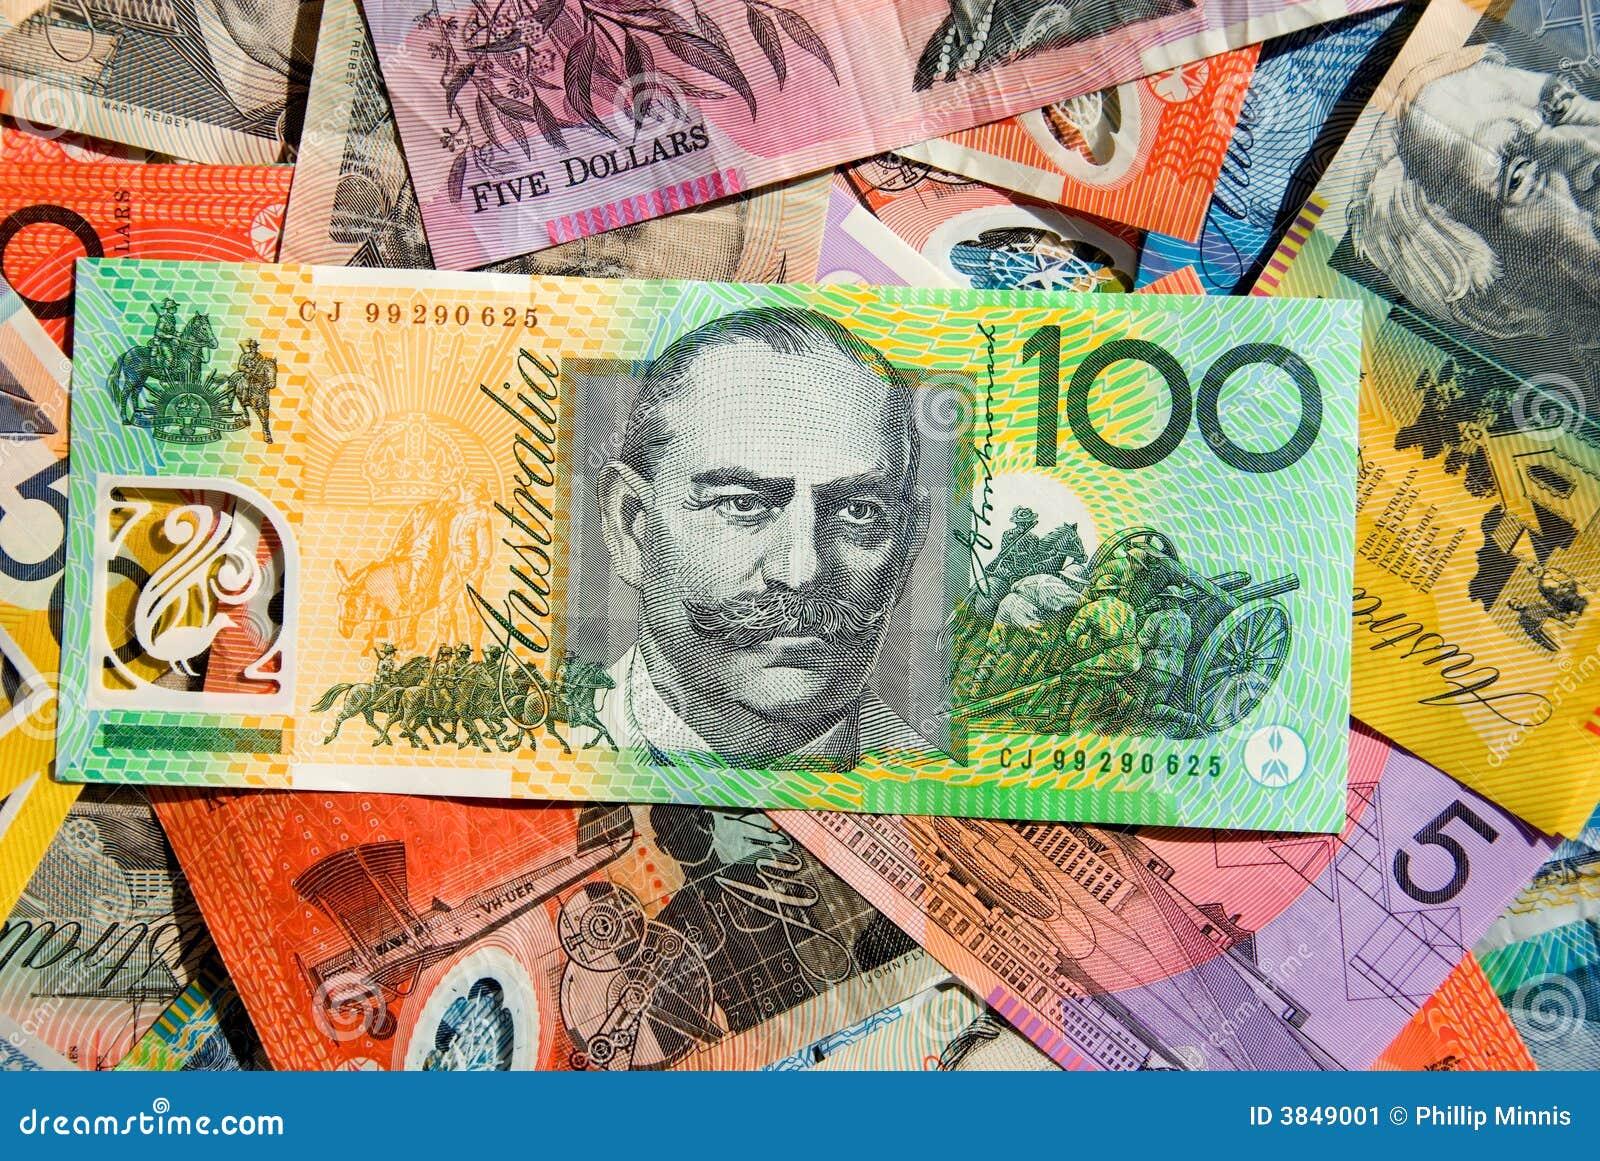 Australijskiej waluty